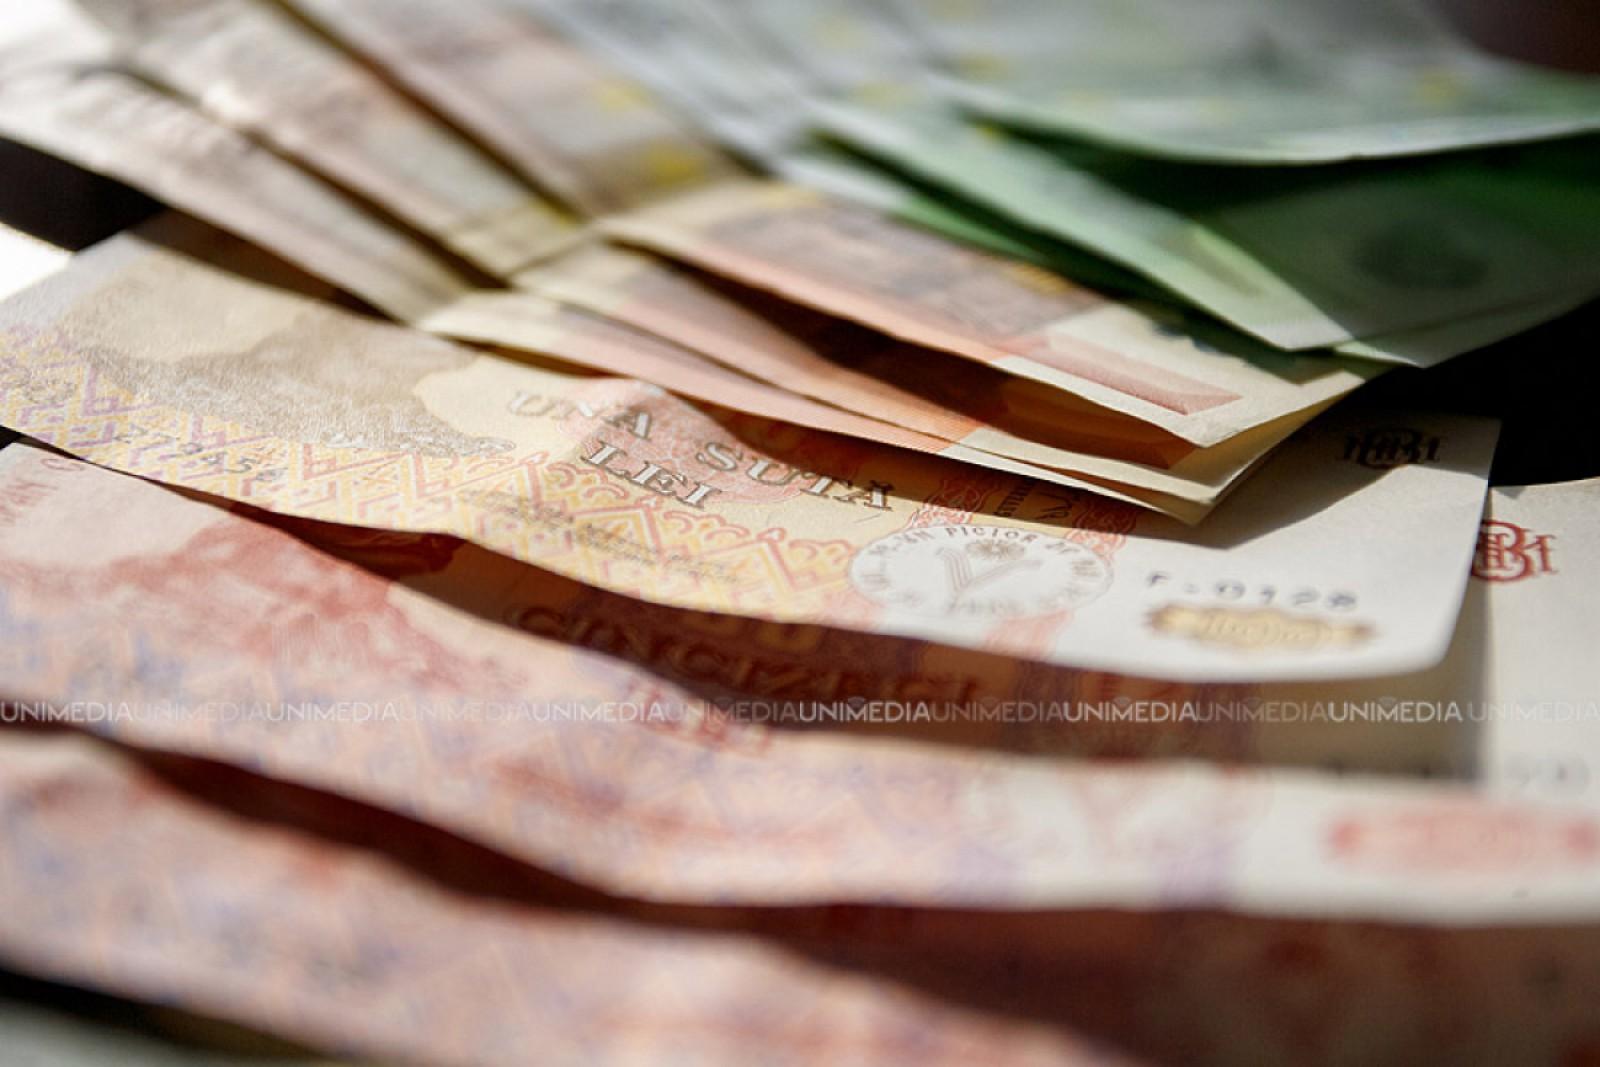 Organizațiile societății civile și reprezentanții Serviciului Fiscal de Stat au discutat despre implementarea legii 2%: Astfel, cetățenii pot participa la gestionarea banilor publici